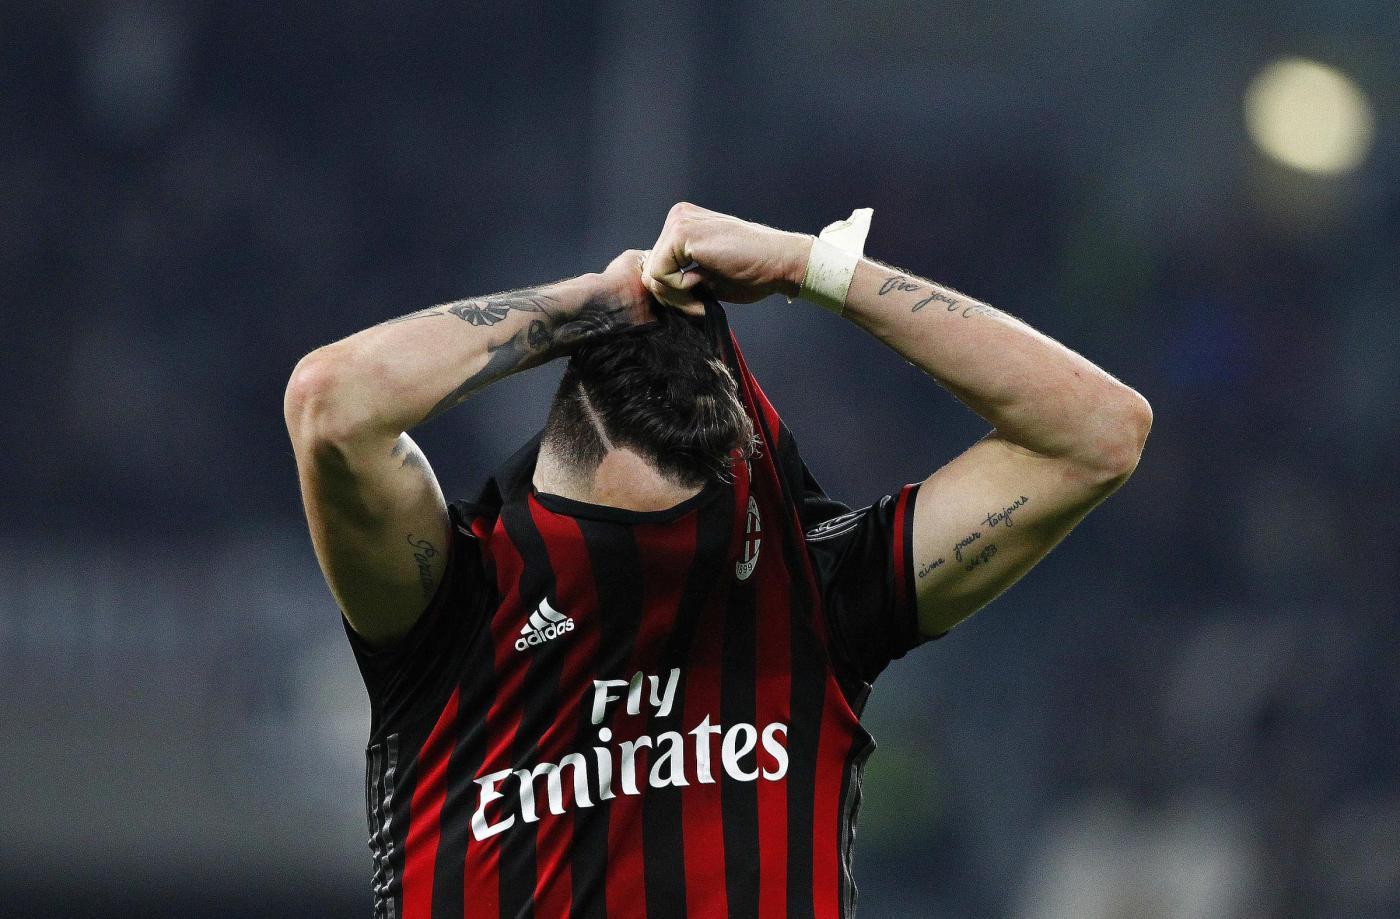 Juventus-Milan: quali sono stati i danni agli spogliatoi causati dai milanisti